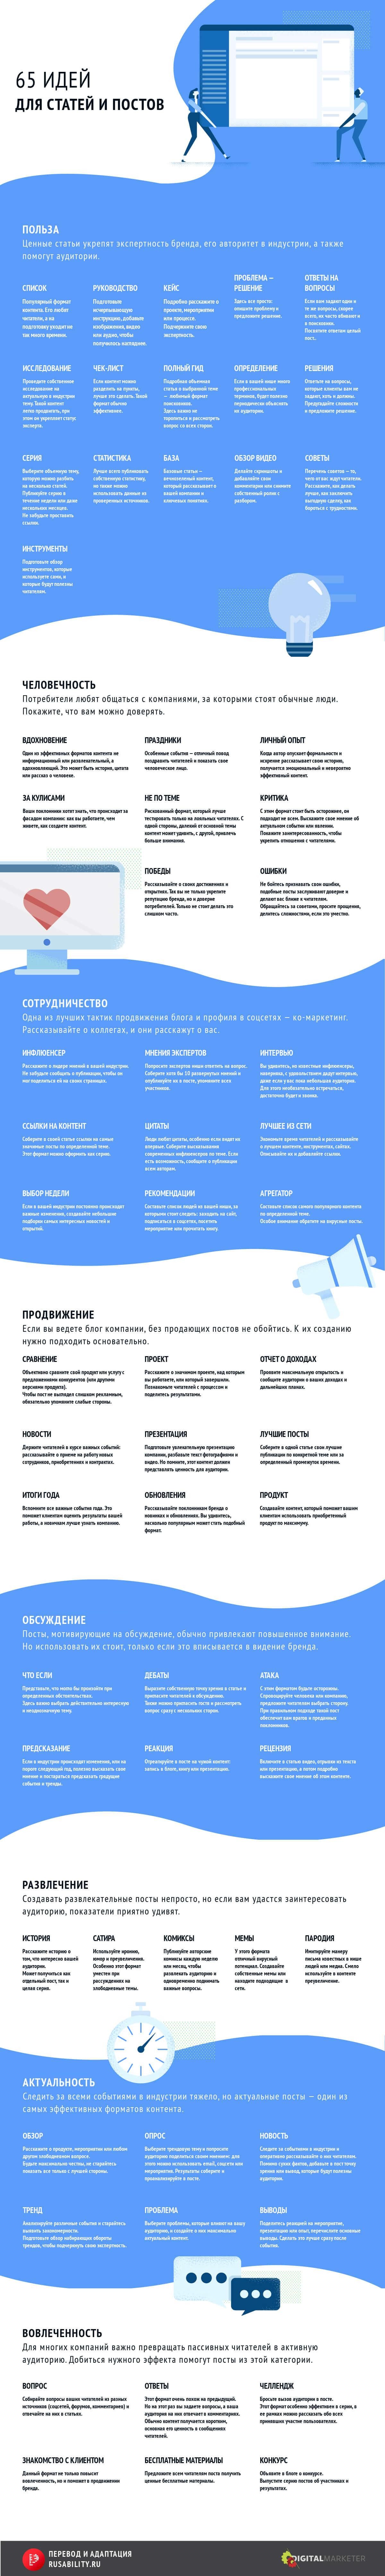 Темы для статей и постов. Инфографика